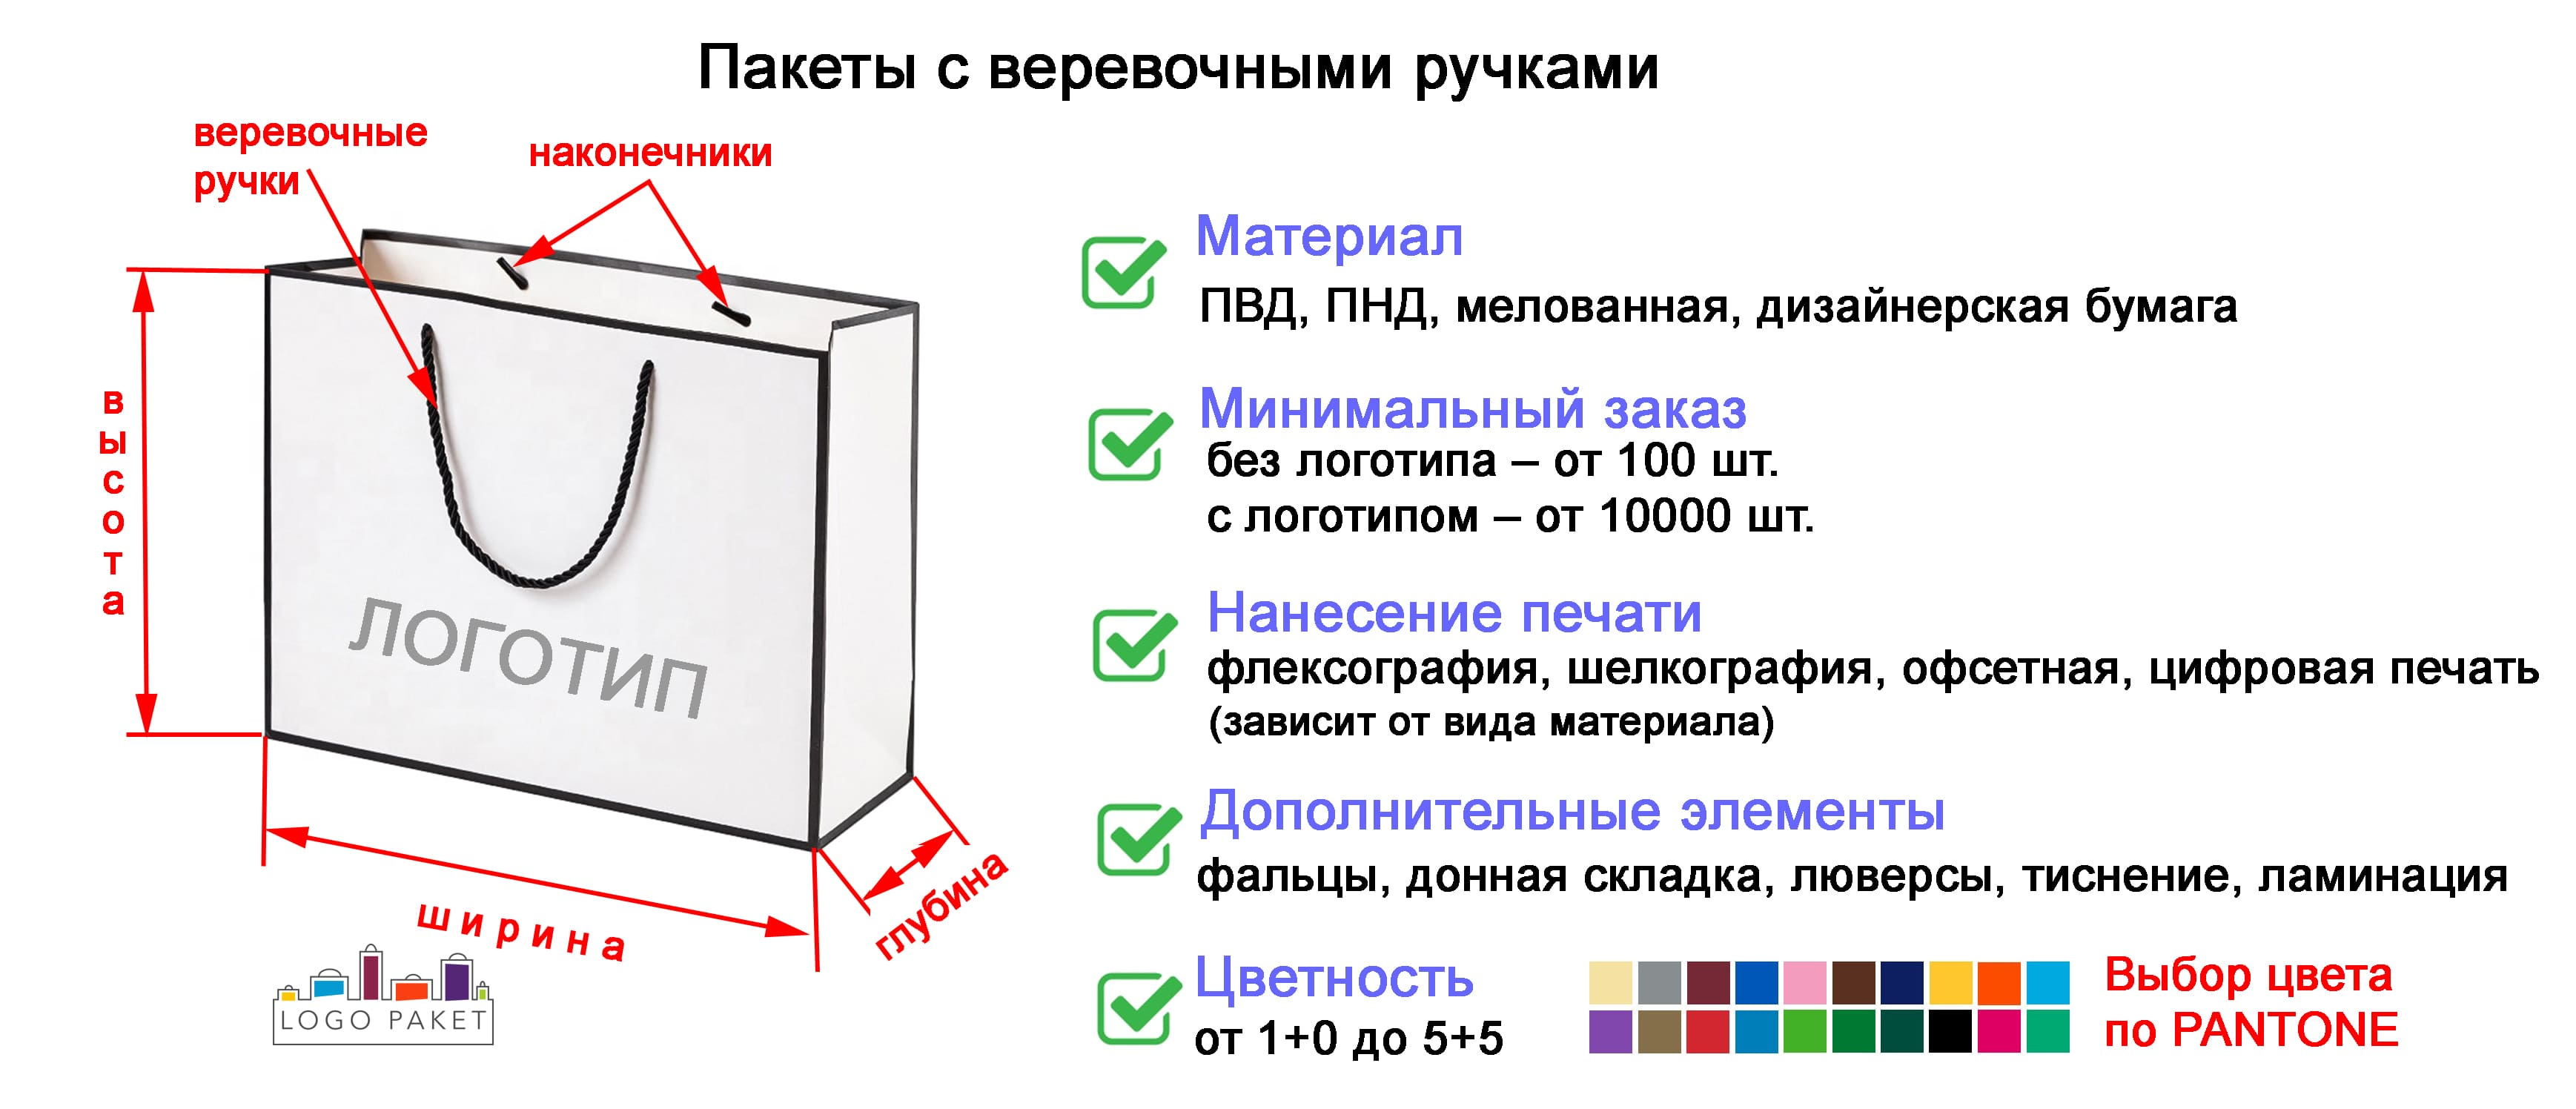 Пакет с веревочными ручками инфографика